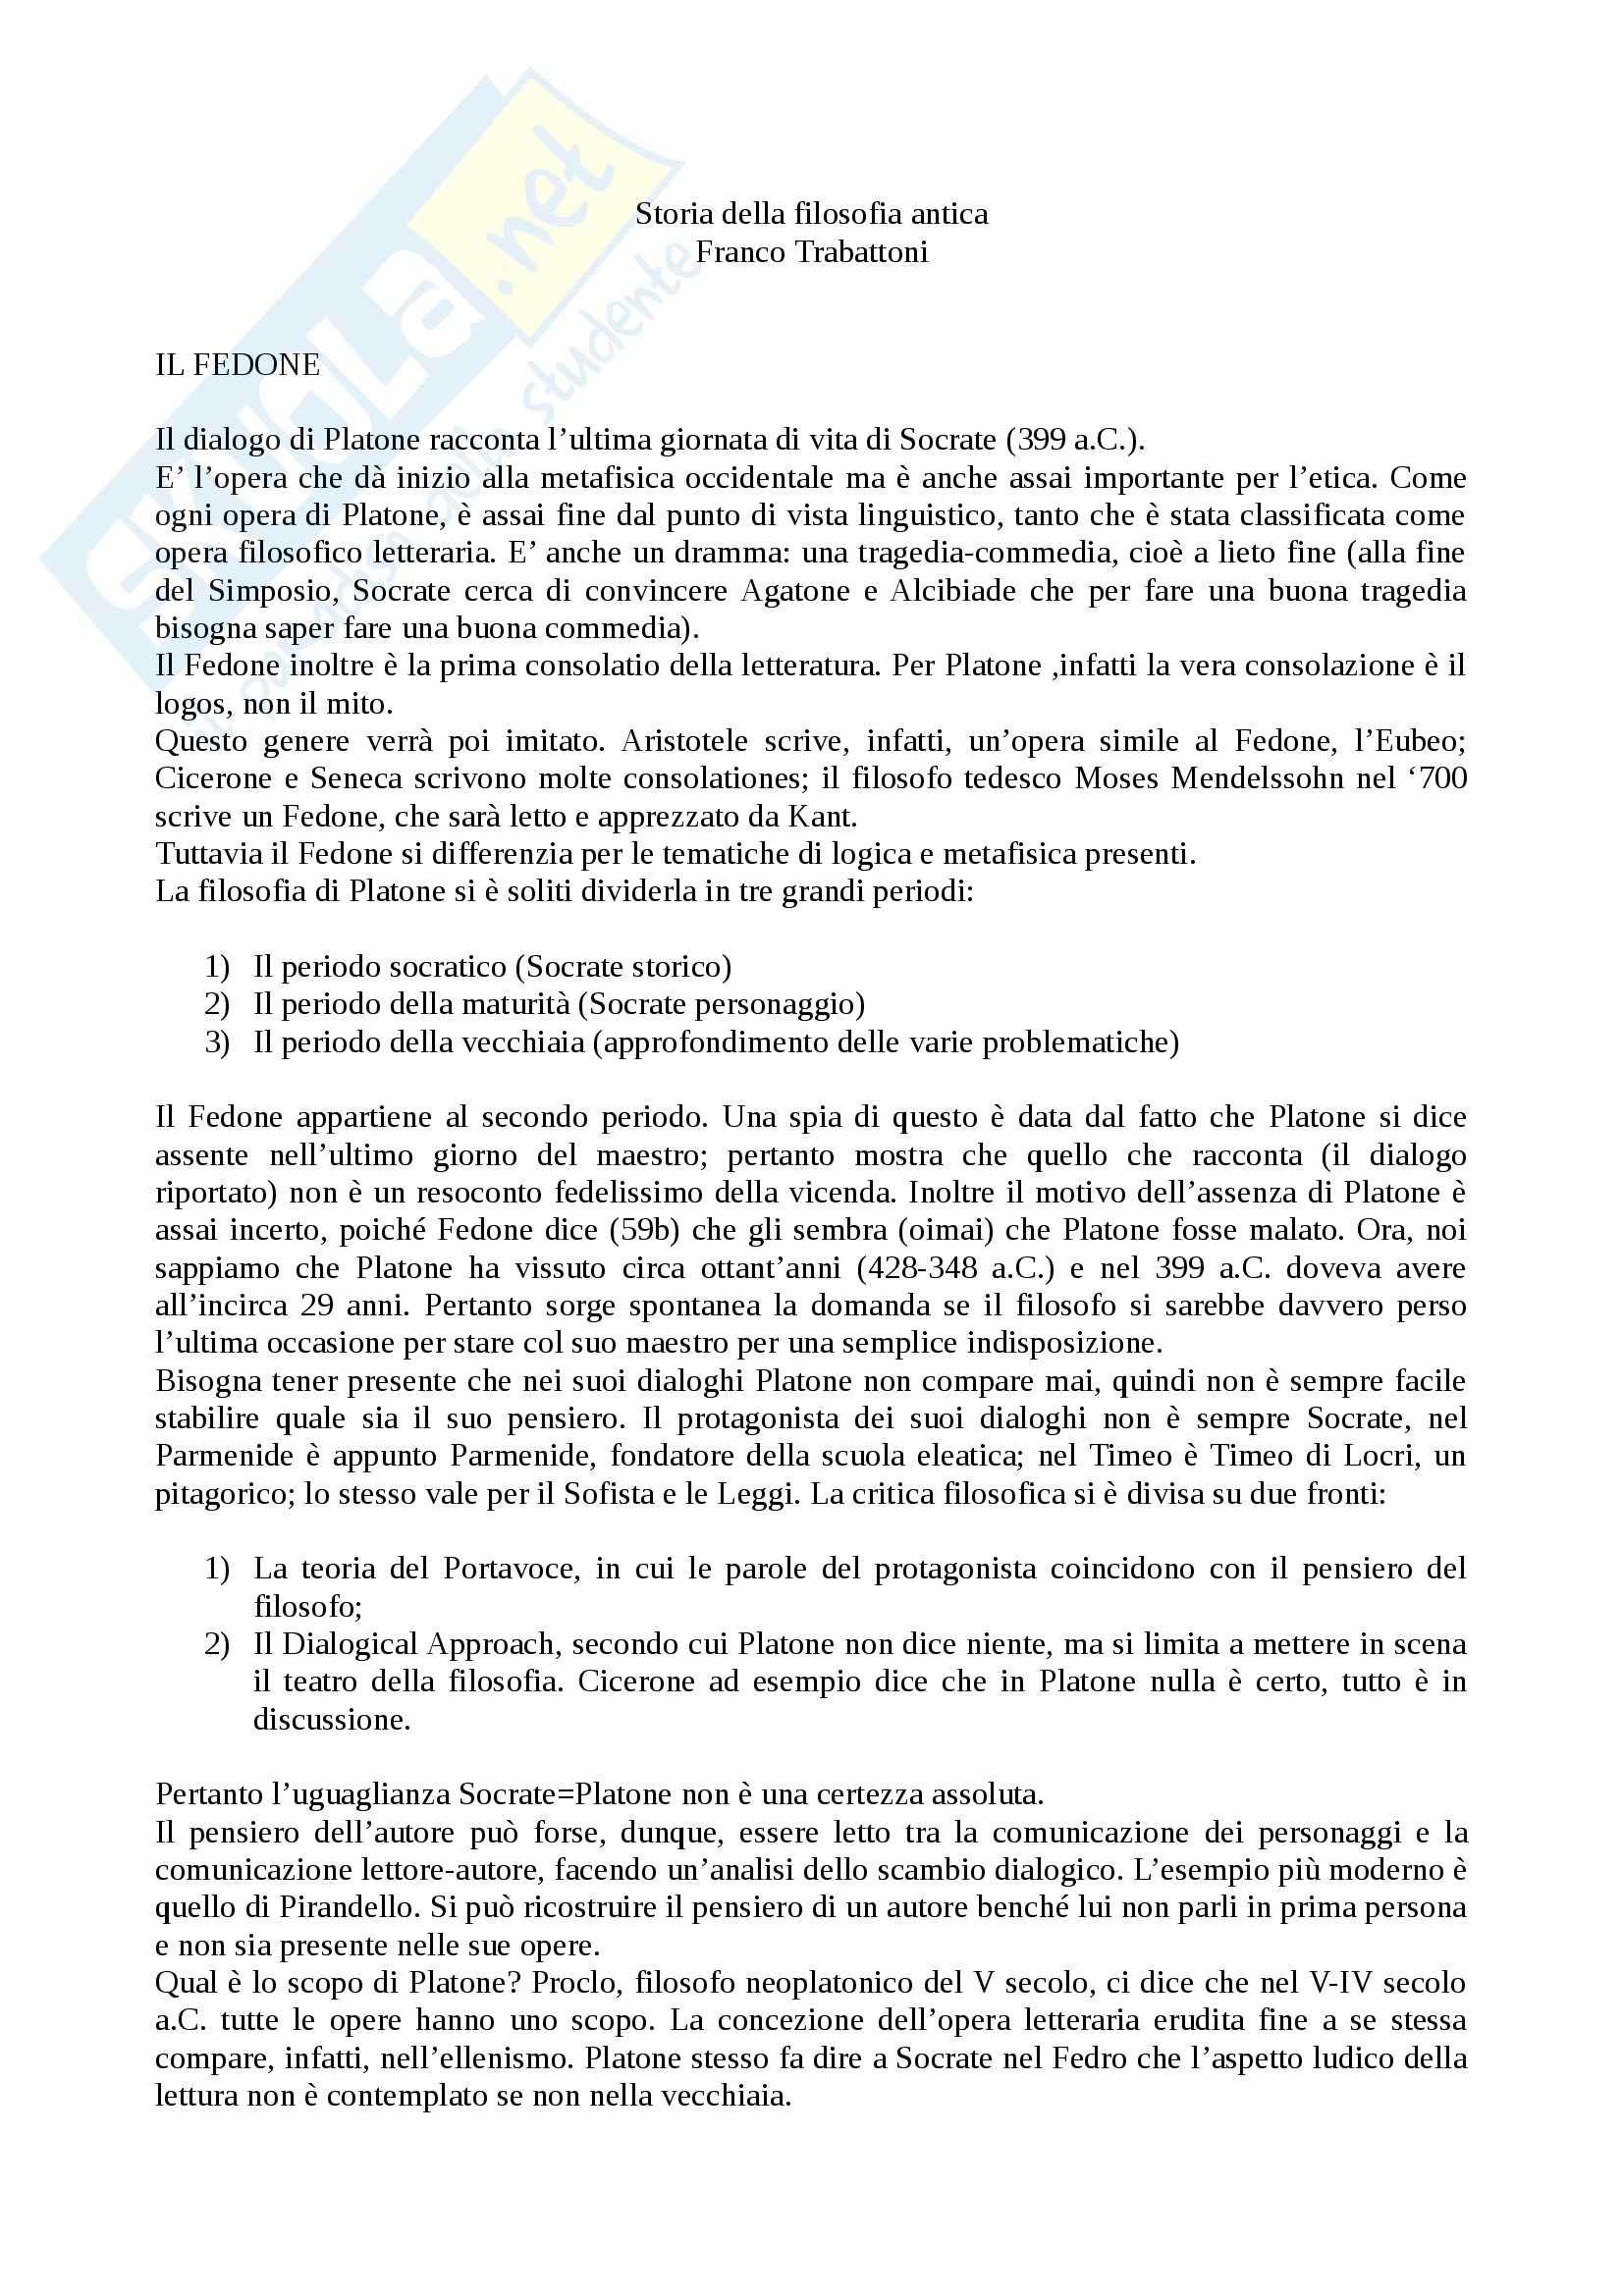 Fedone, Storia della filosofia antica, appunti sul testo e generali